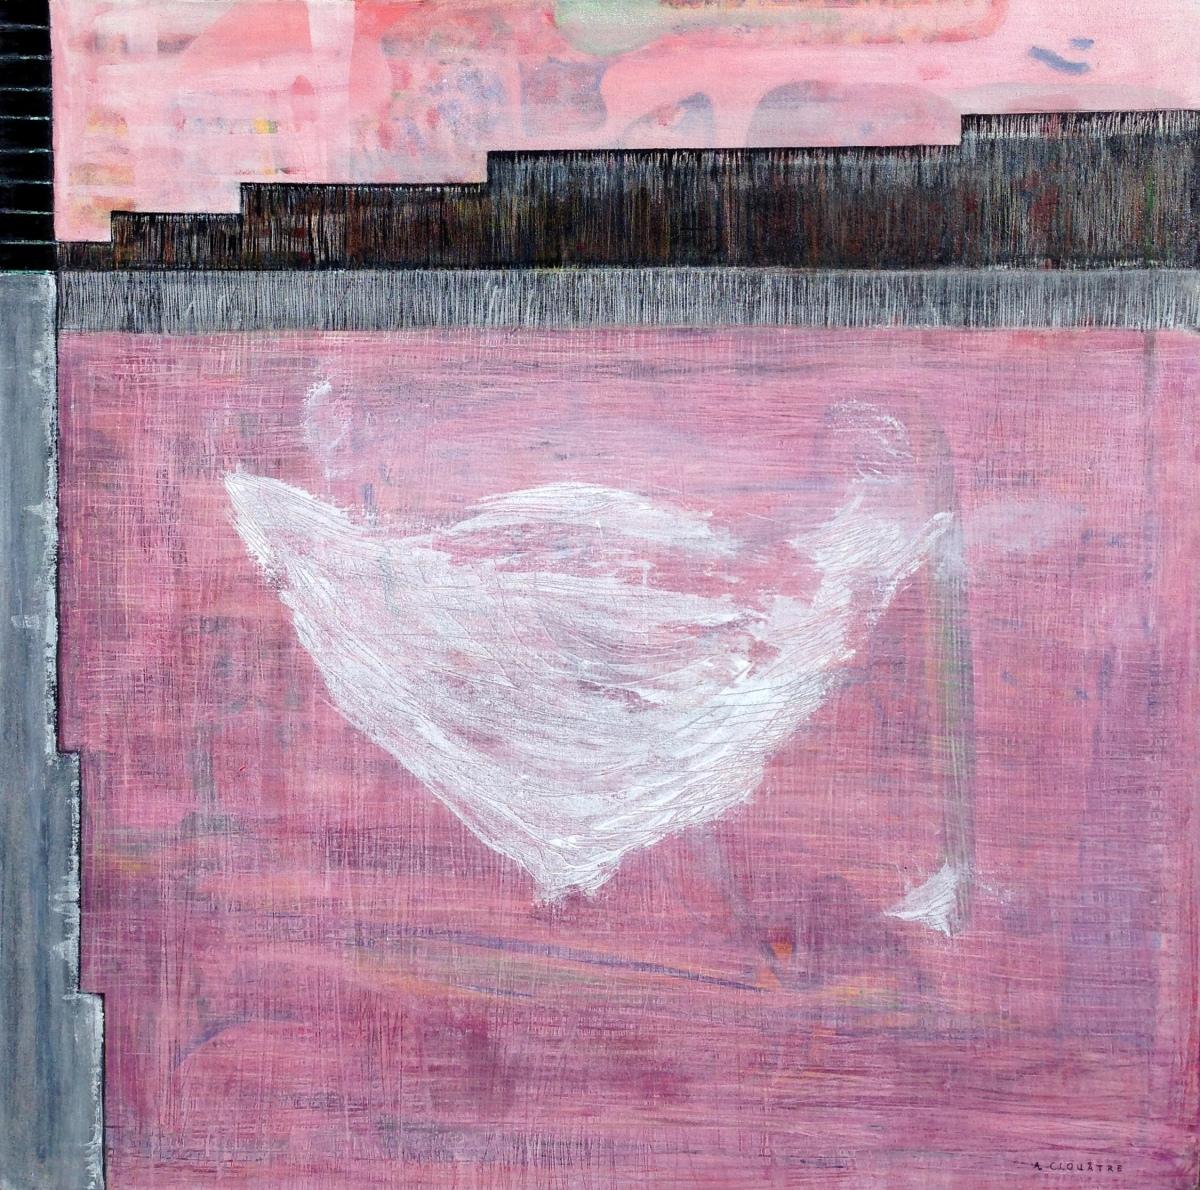 André Clouâtre, Tous les discours, Acrylique sur toile, 102 x 102 cm (39''x39''), 2014